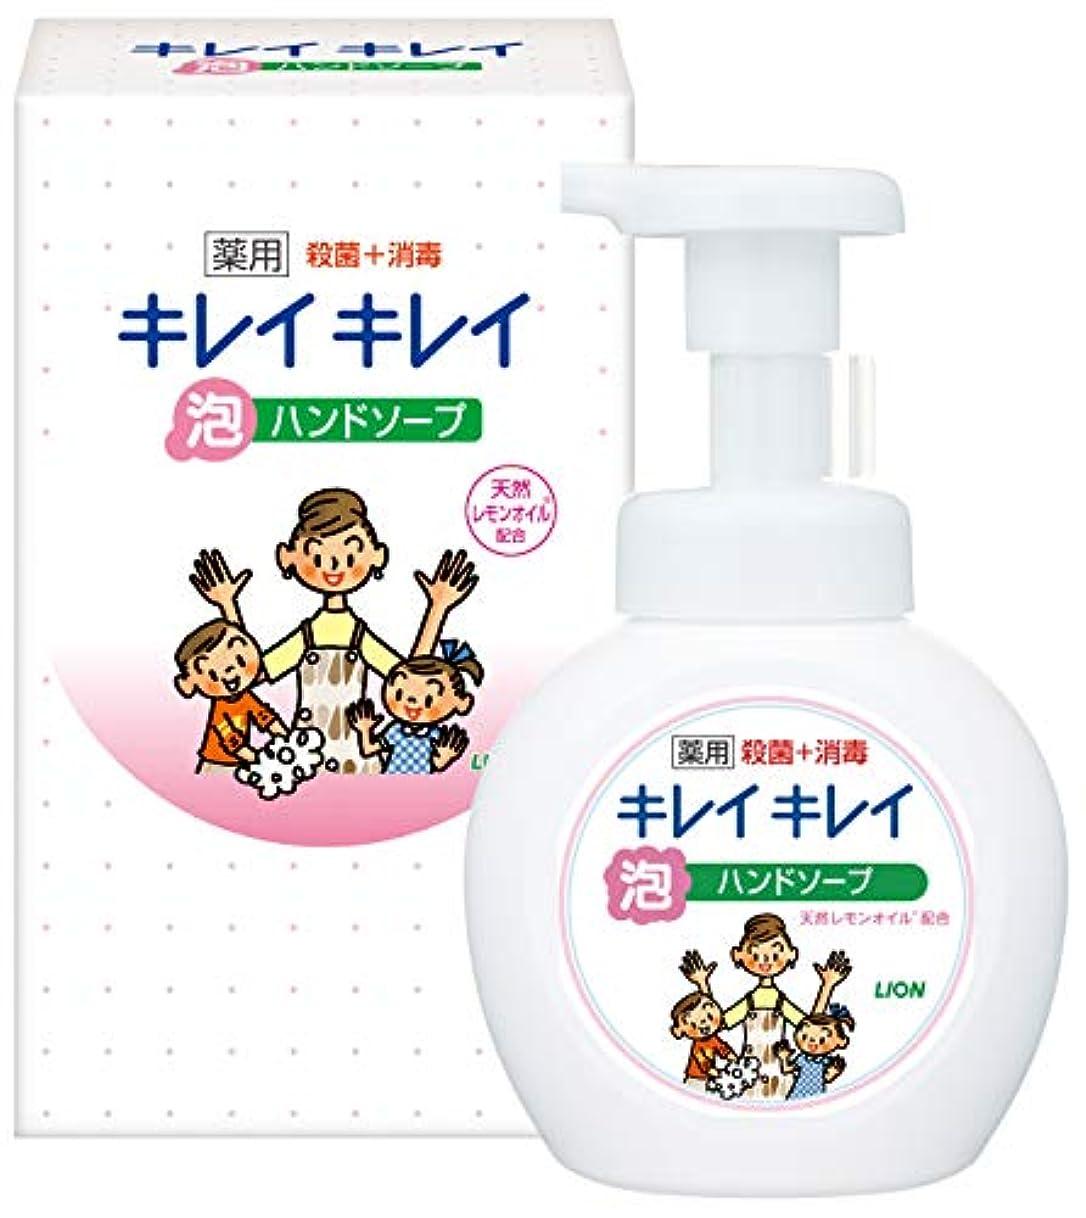 ブレンドピット選挙LION キレイキレイ薬用泡ハンドソープ250ml ノベルティギフト用化粧箱入